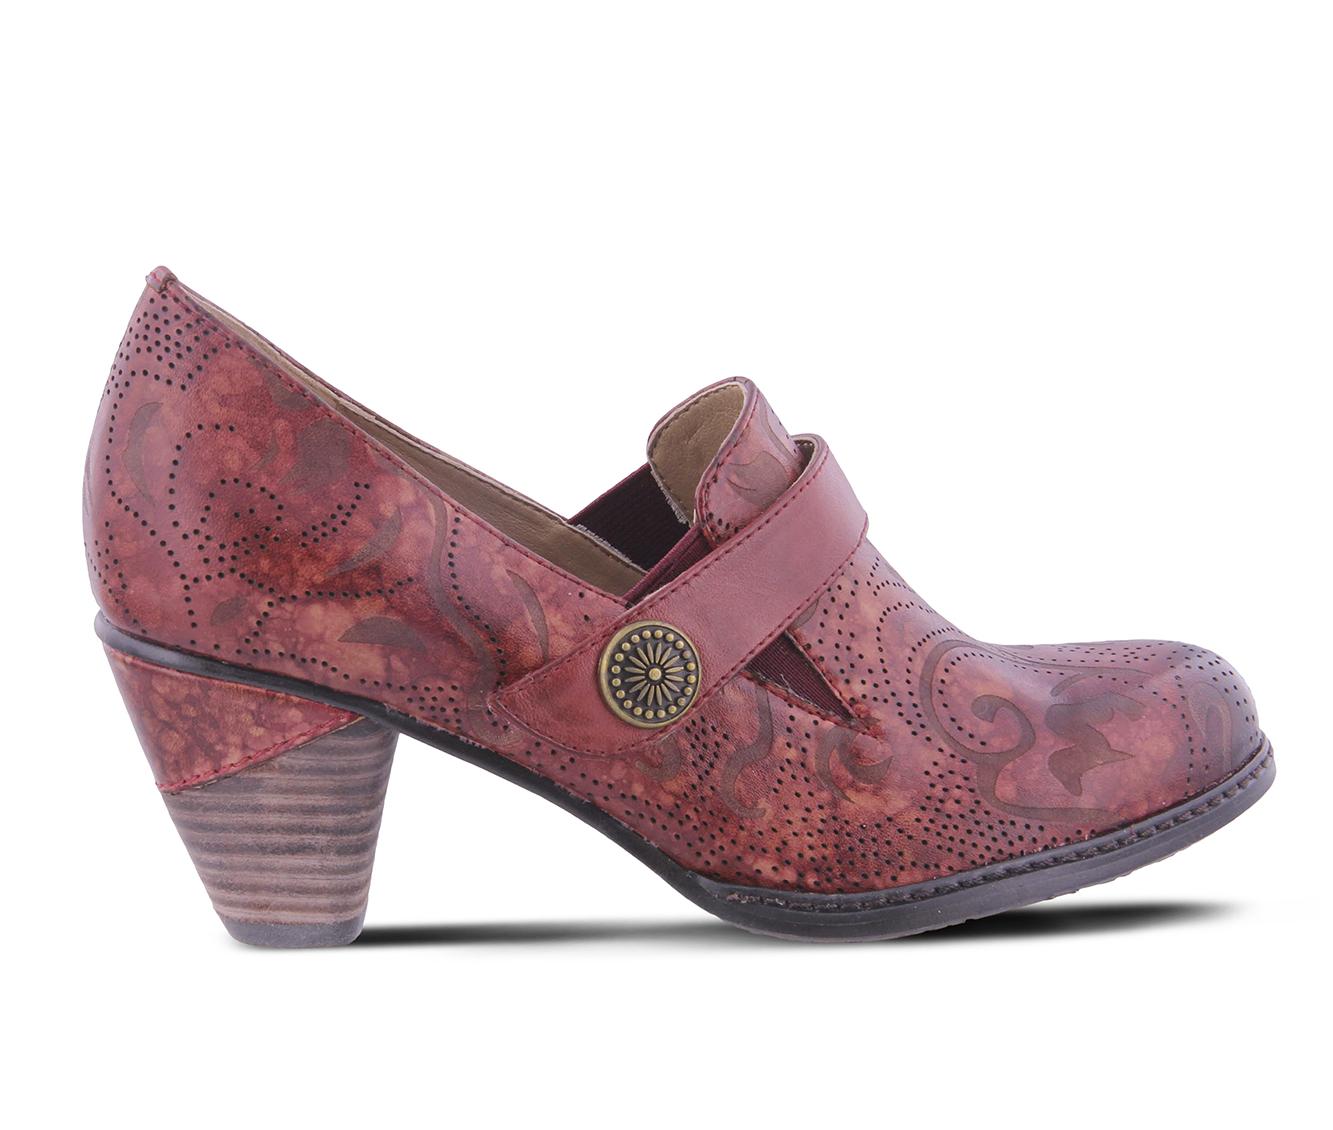 L'Artiste Huekiss Women's Dress Shoe (Red Leather)